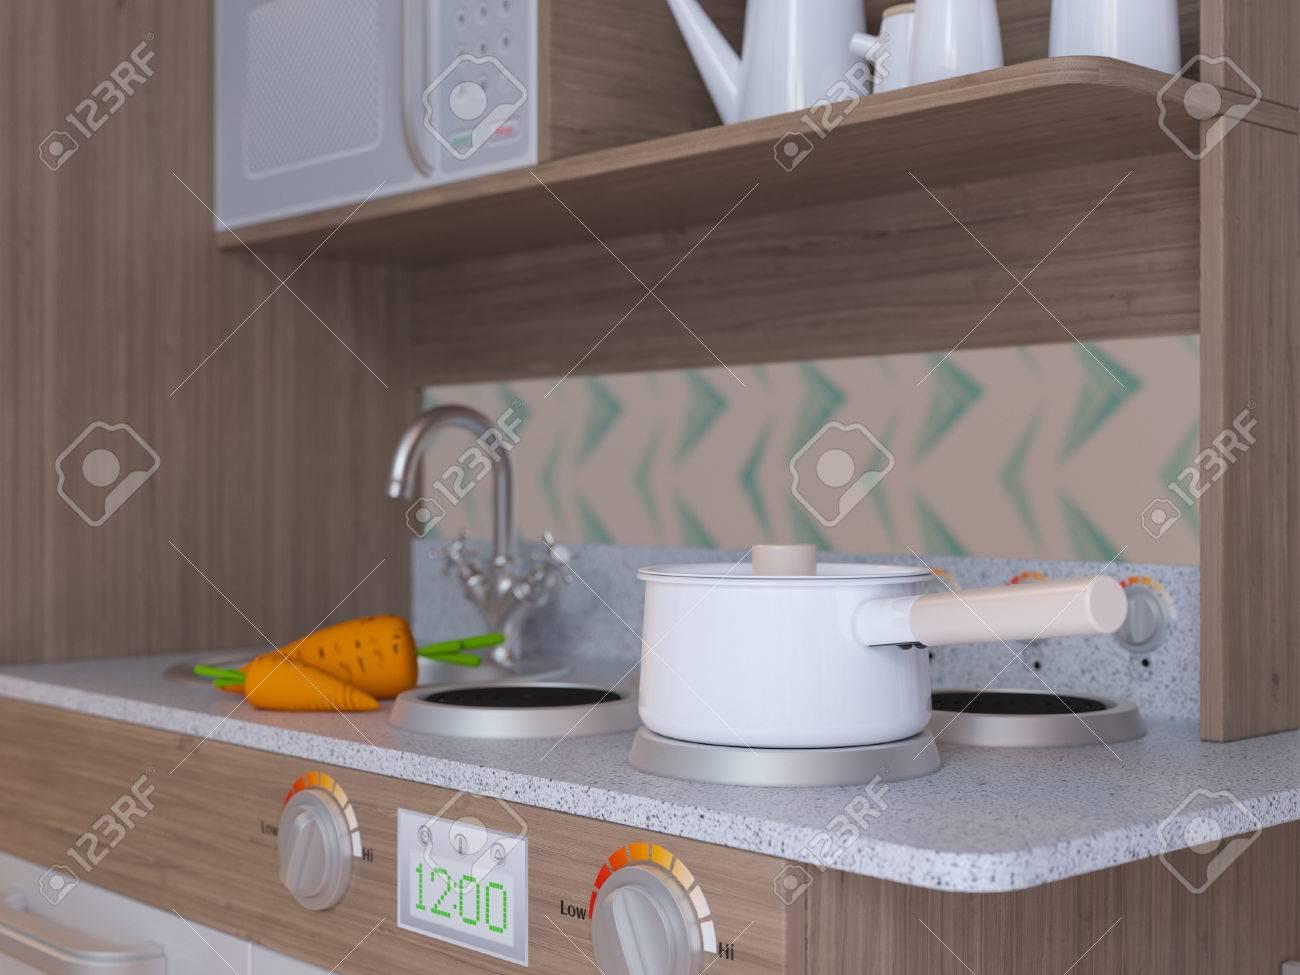 Kinder Küche Design Interieur Für Das Kochen Vorgeben Spiel Mit ...